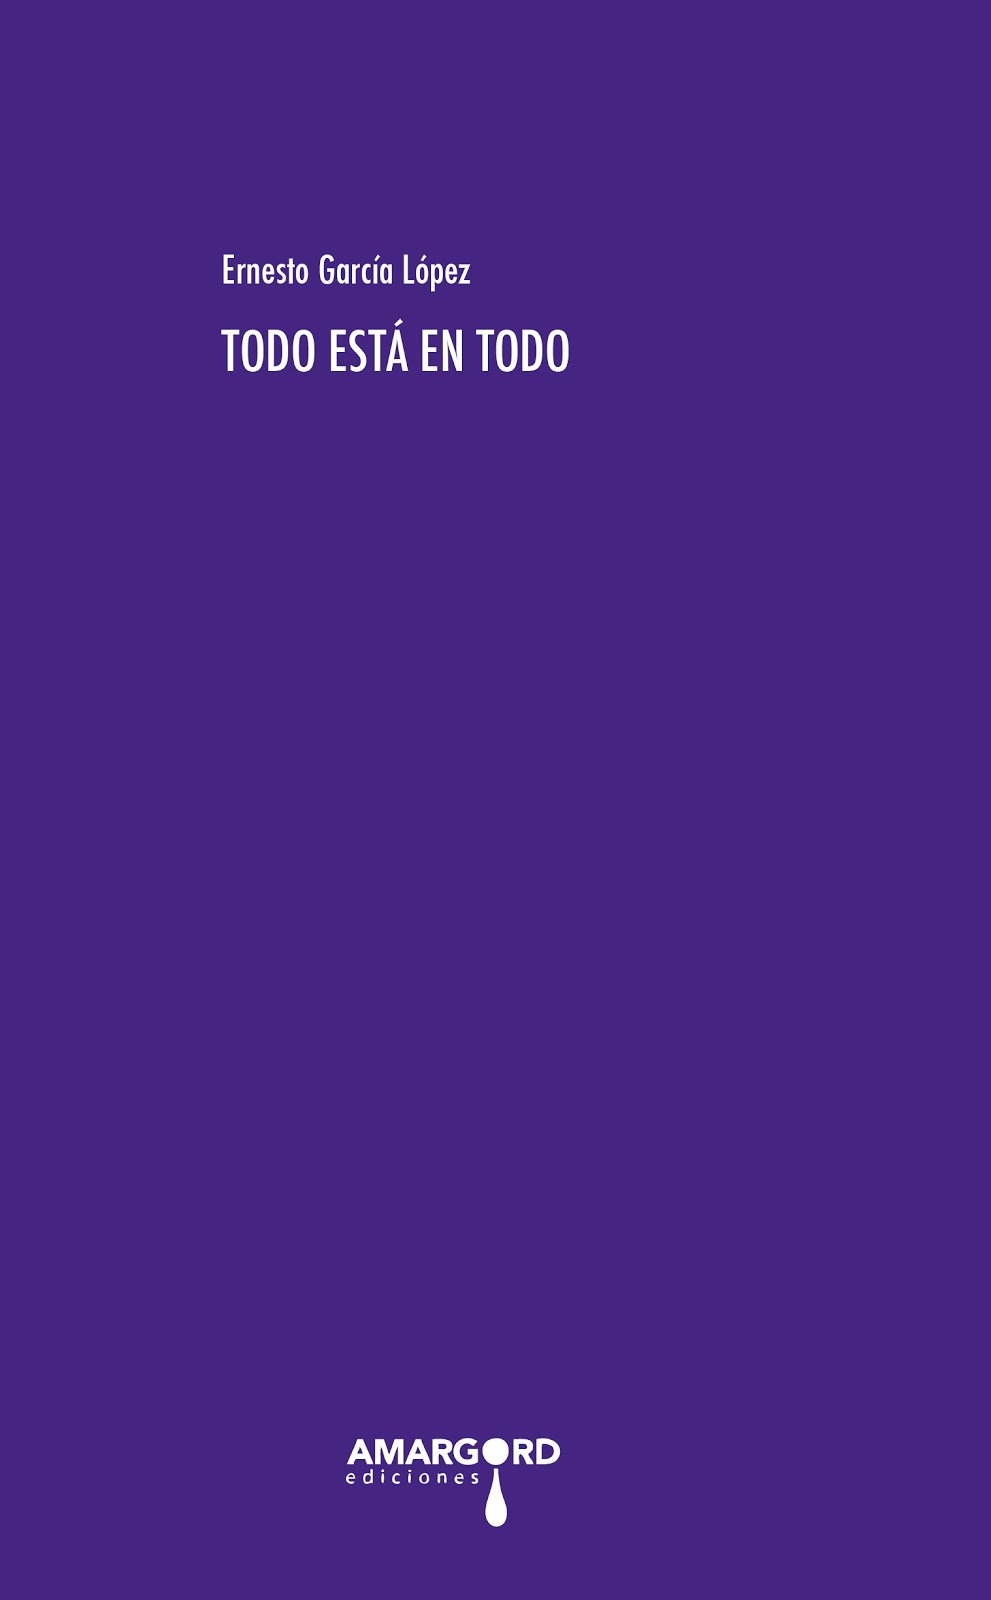 El último libro publicado